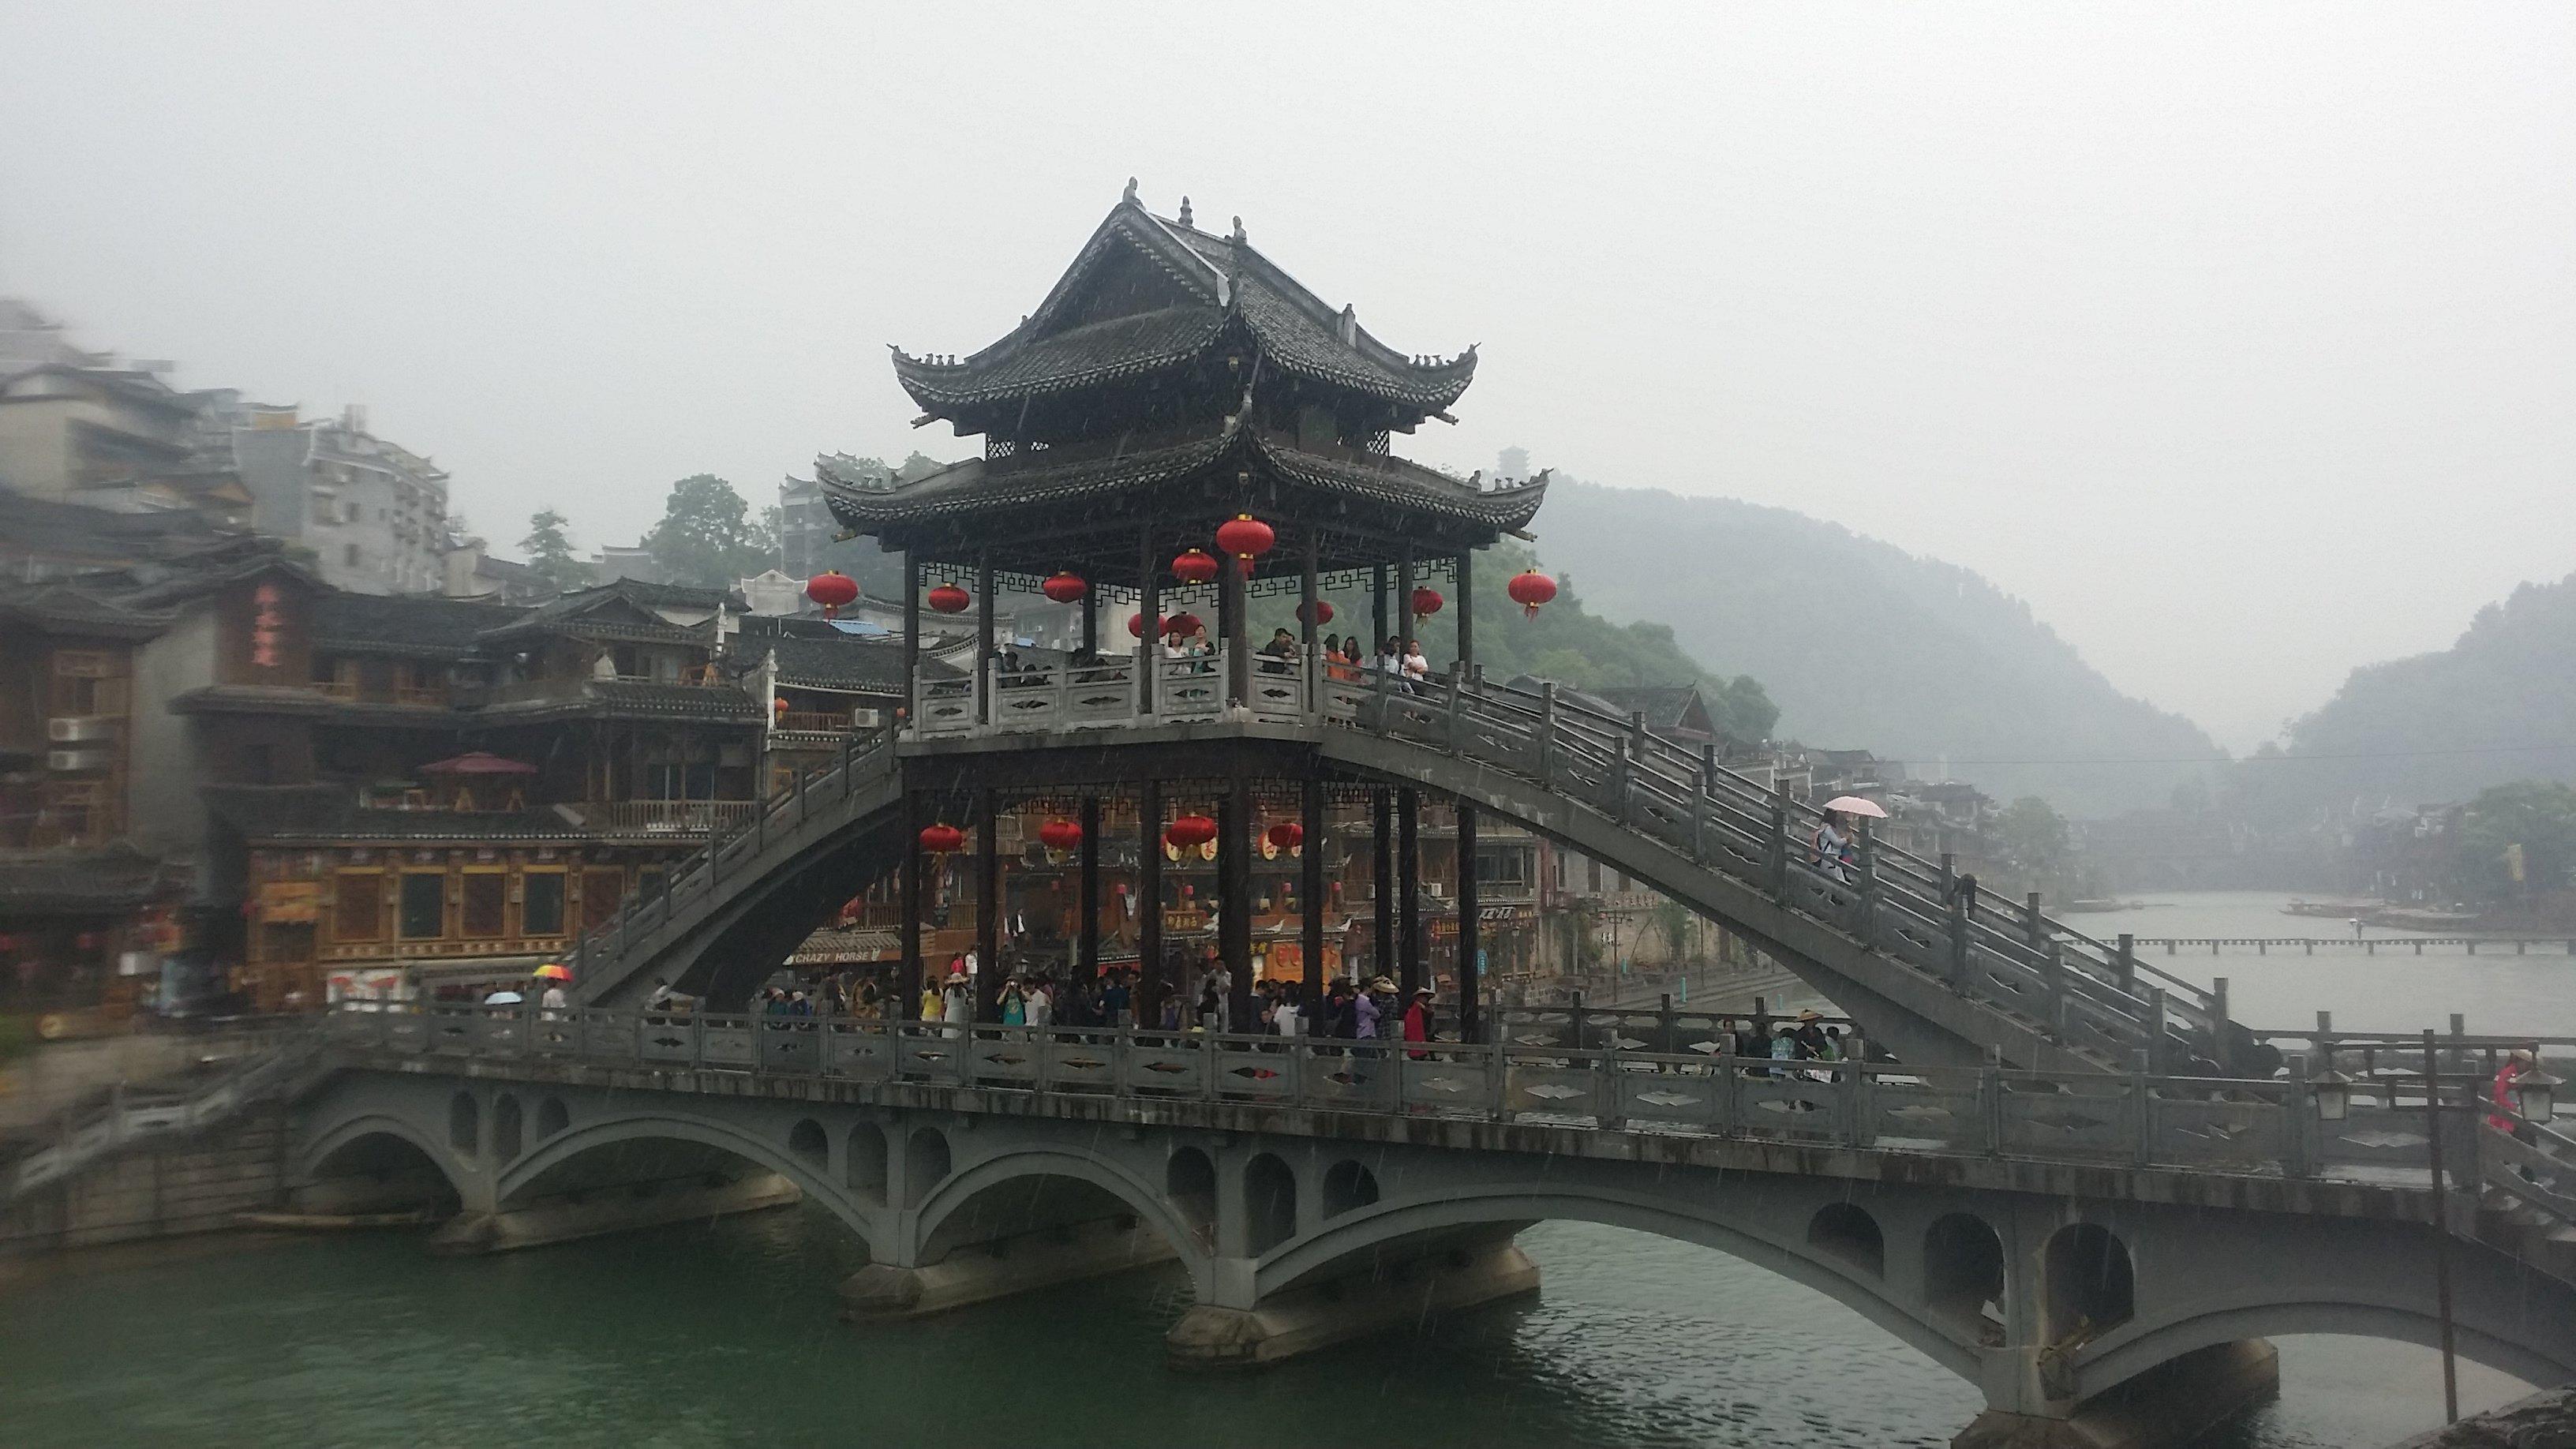 Six hundreds years bridge